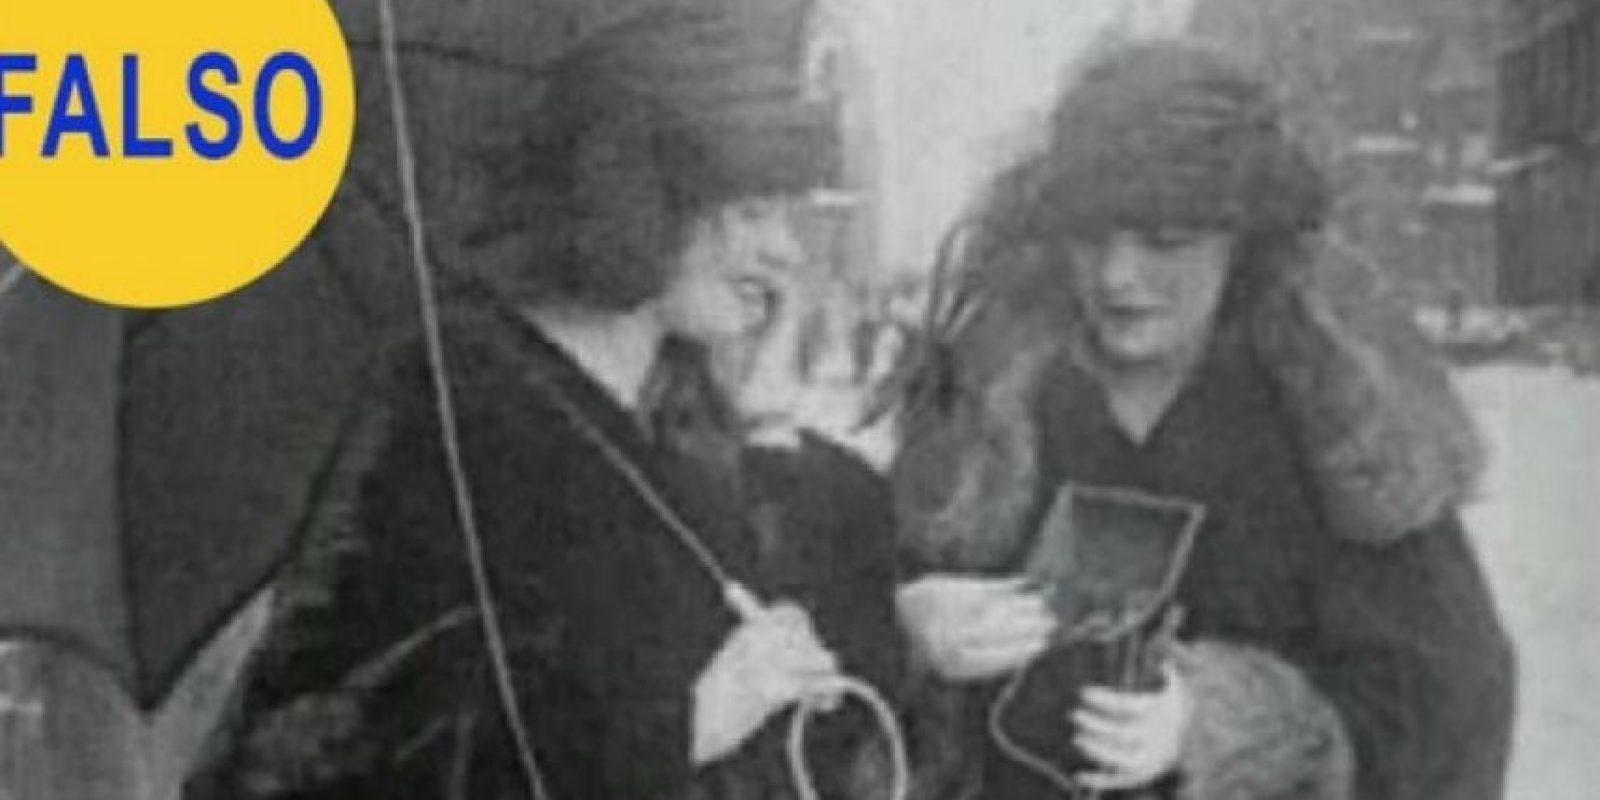 El téléfono móvil de 1922: Esta imagen corresponde a un video en el que se muestra a dos mujeres utilizando un supuesto teléfono móvil muchos años antes de que lo inventaran. En realidad es un aparato portátil de radio. Foto:Flickr – Archivo